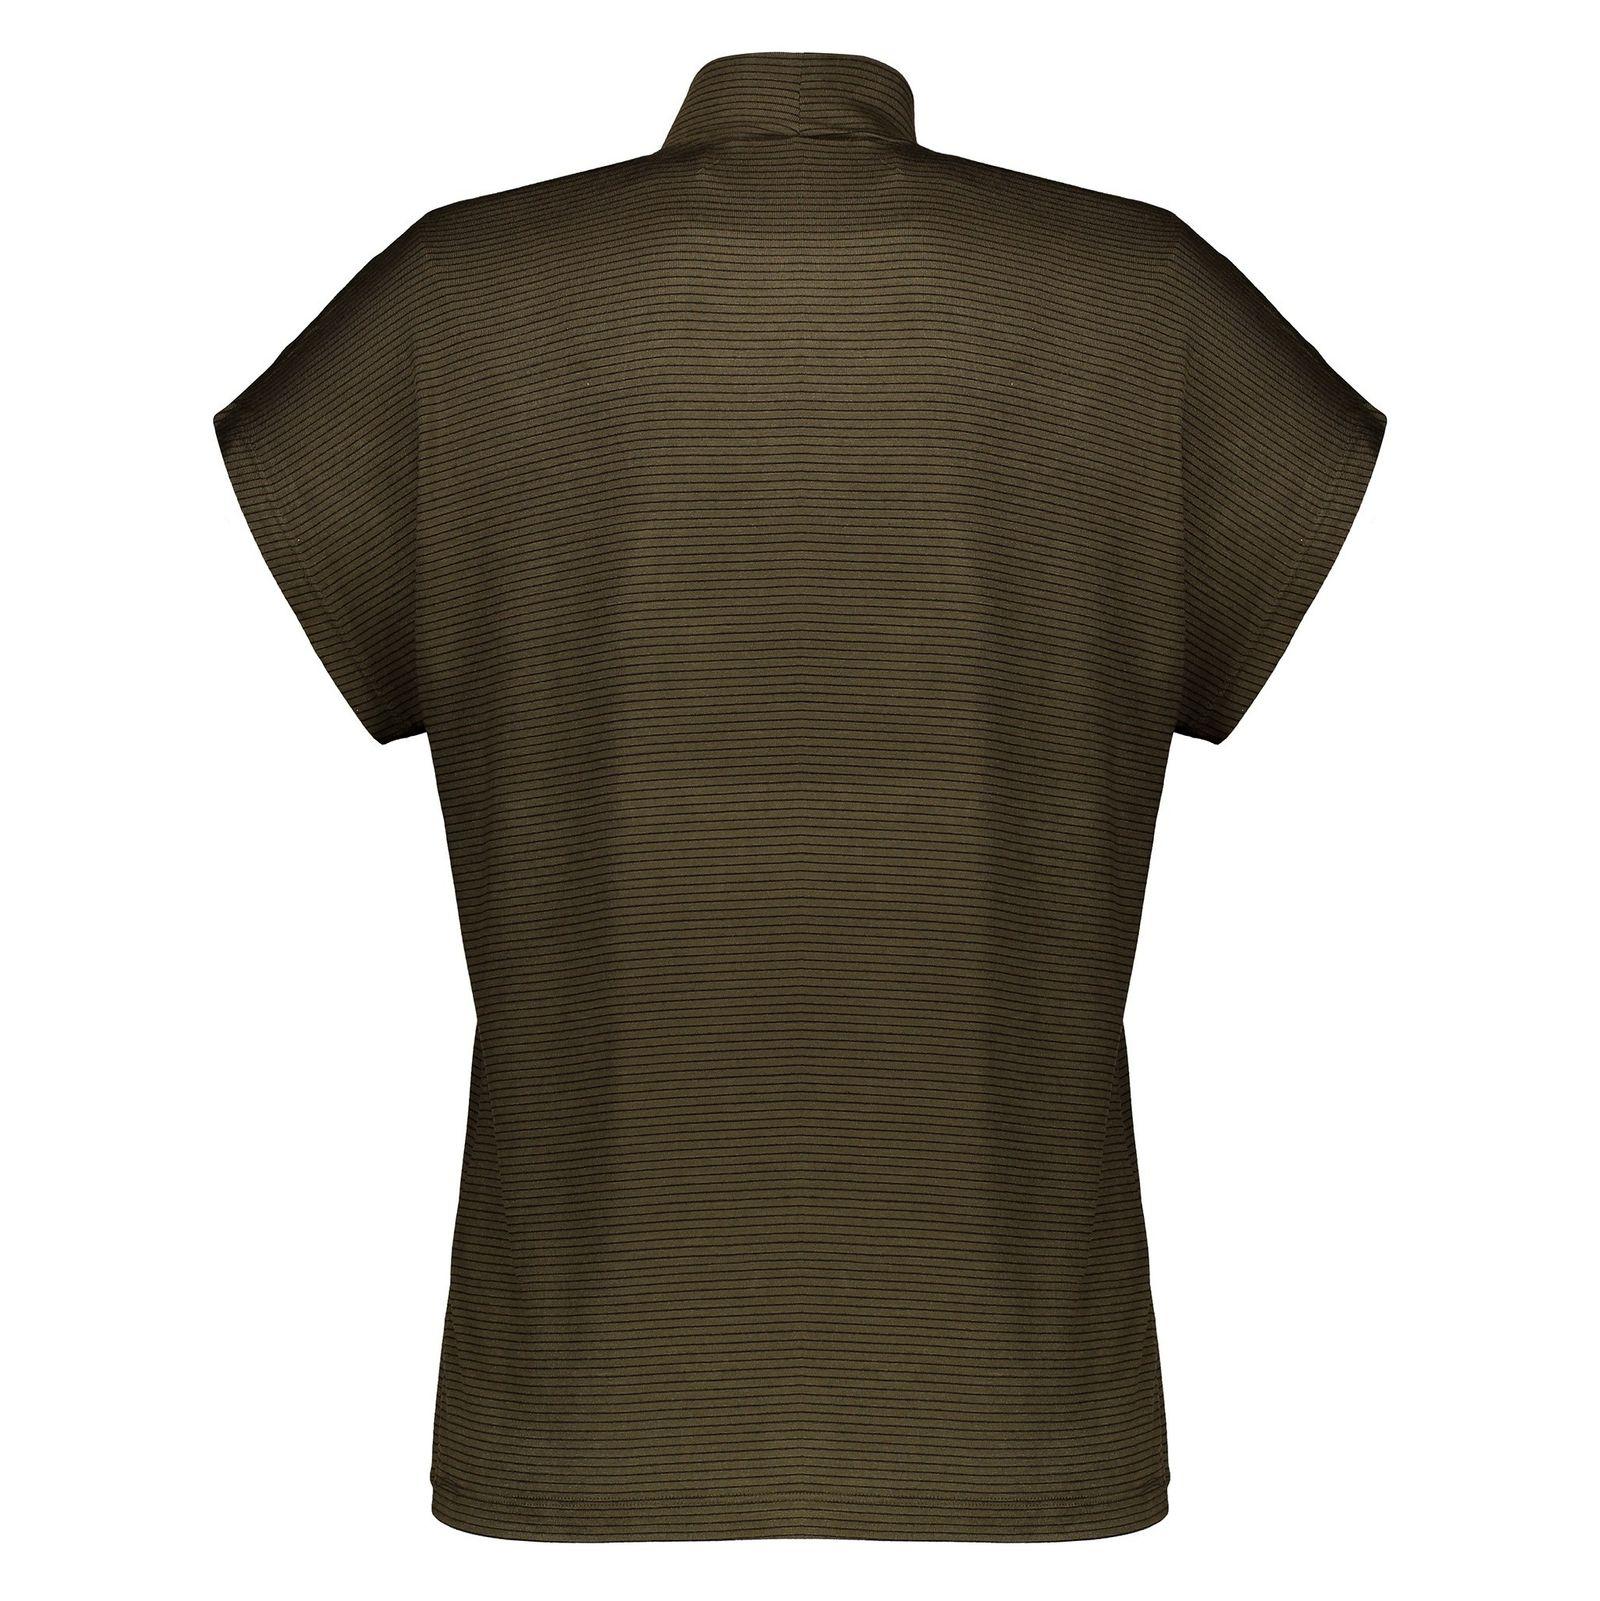 تی شرت ویسکوز یقه ایستاده زنانه - پی سز - زيتوني - 2